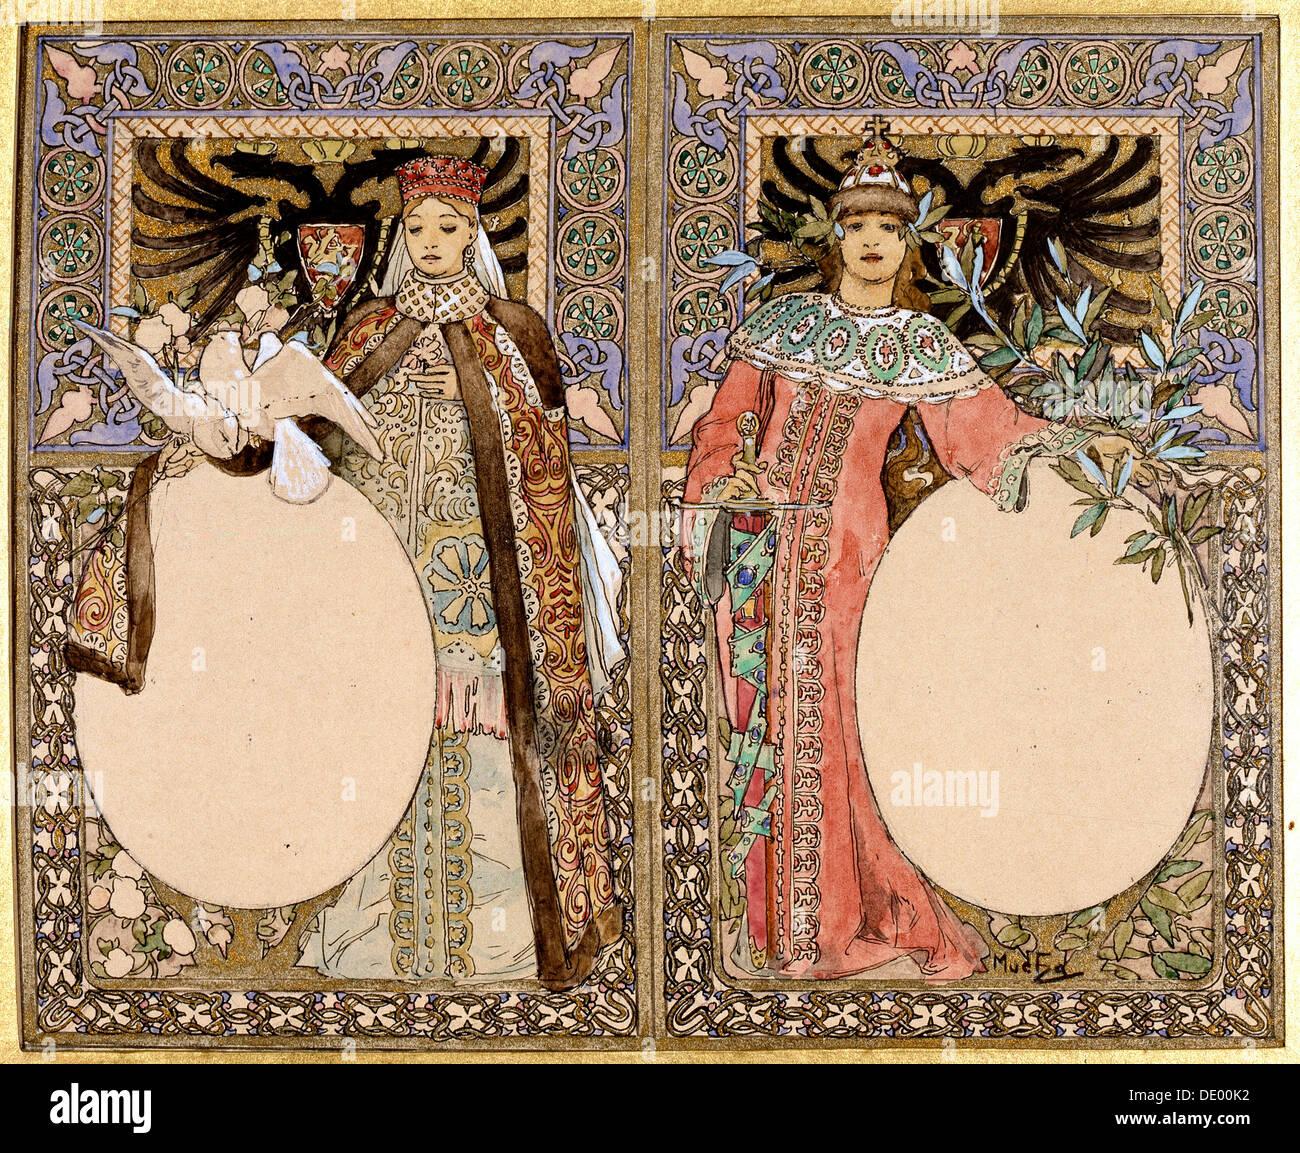 La ilustración de libros, 1890. Artista: Alphonse Mucha Foto de stock